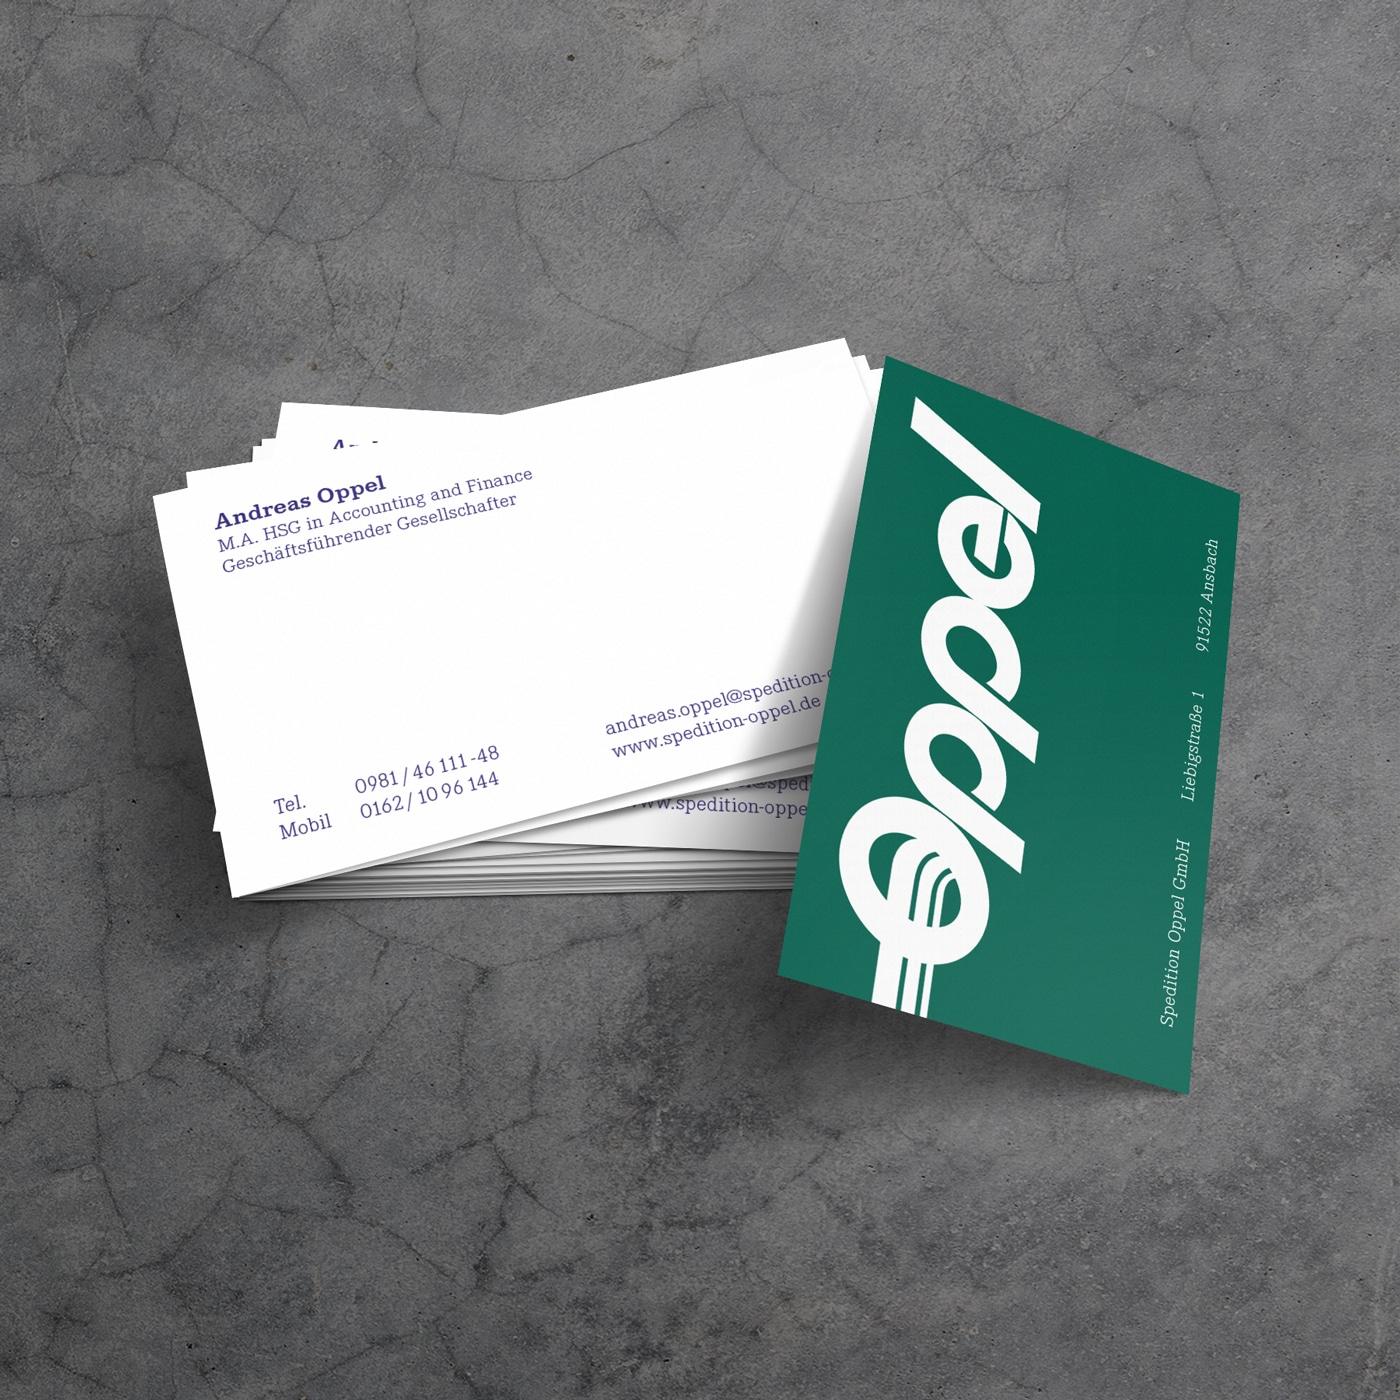 Visitenkarten für Spedition Oppel Ansbach